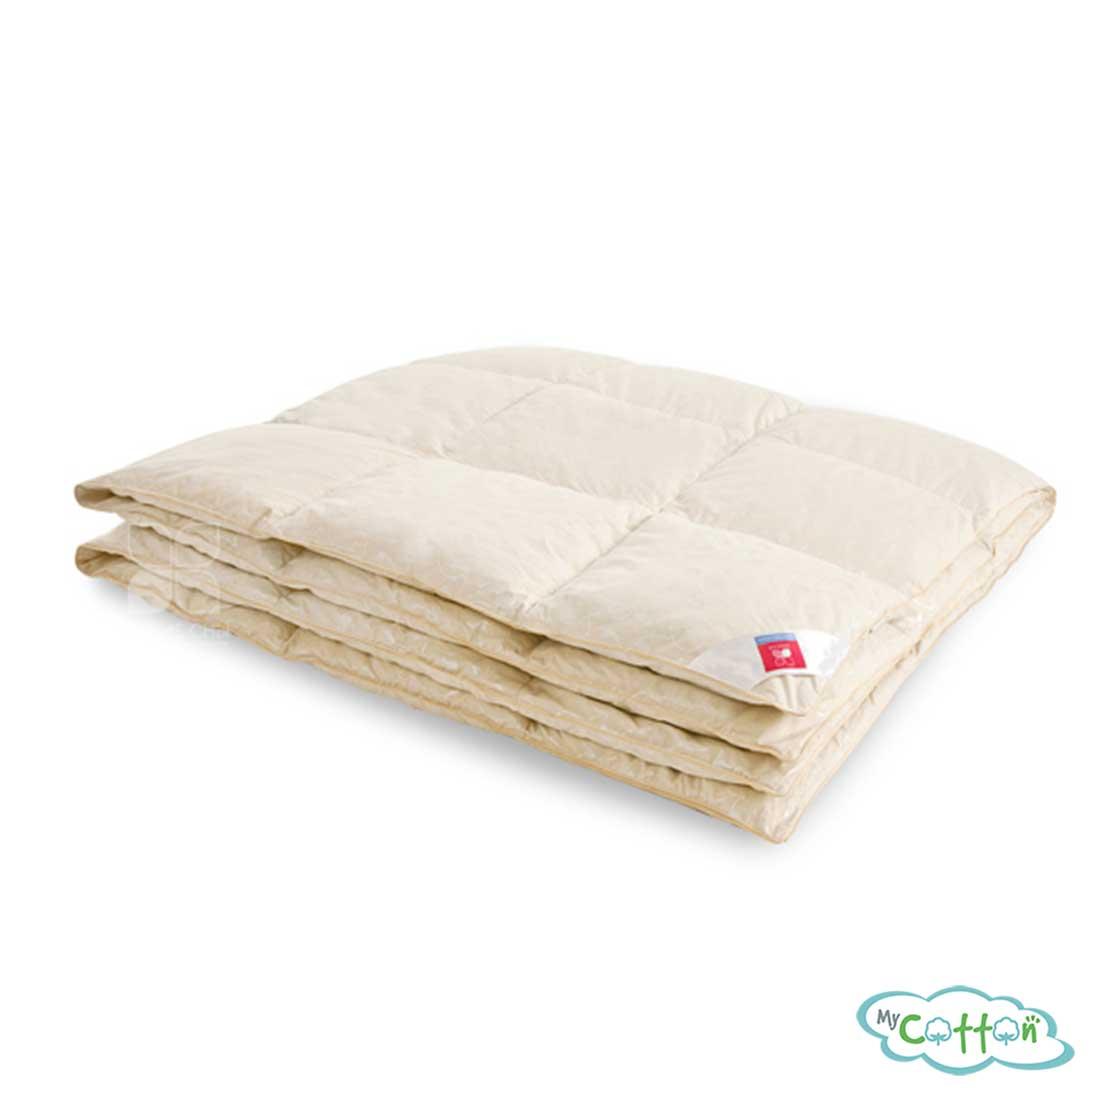 """Десткое одеяло кассетное """"Камелия"""" от компании Легкие сны, теплое"""